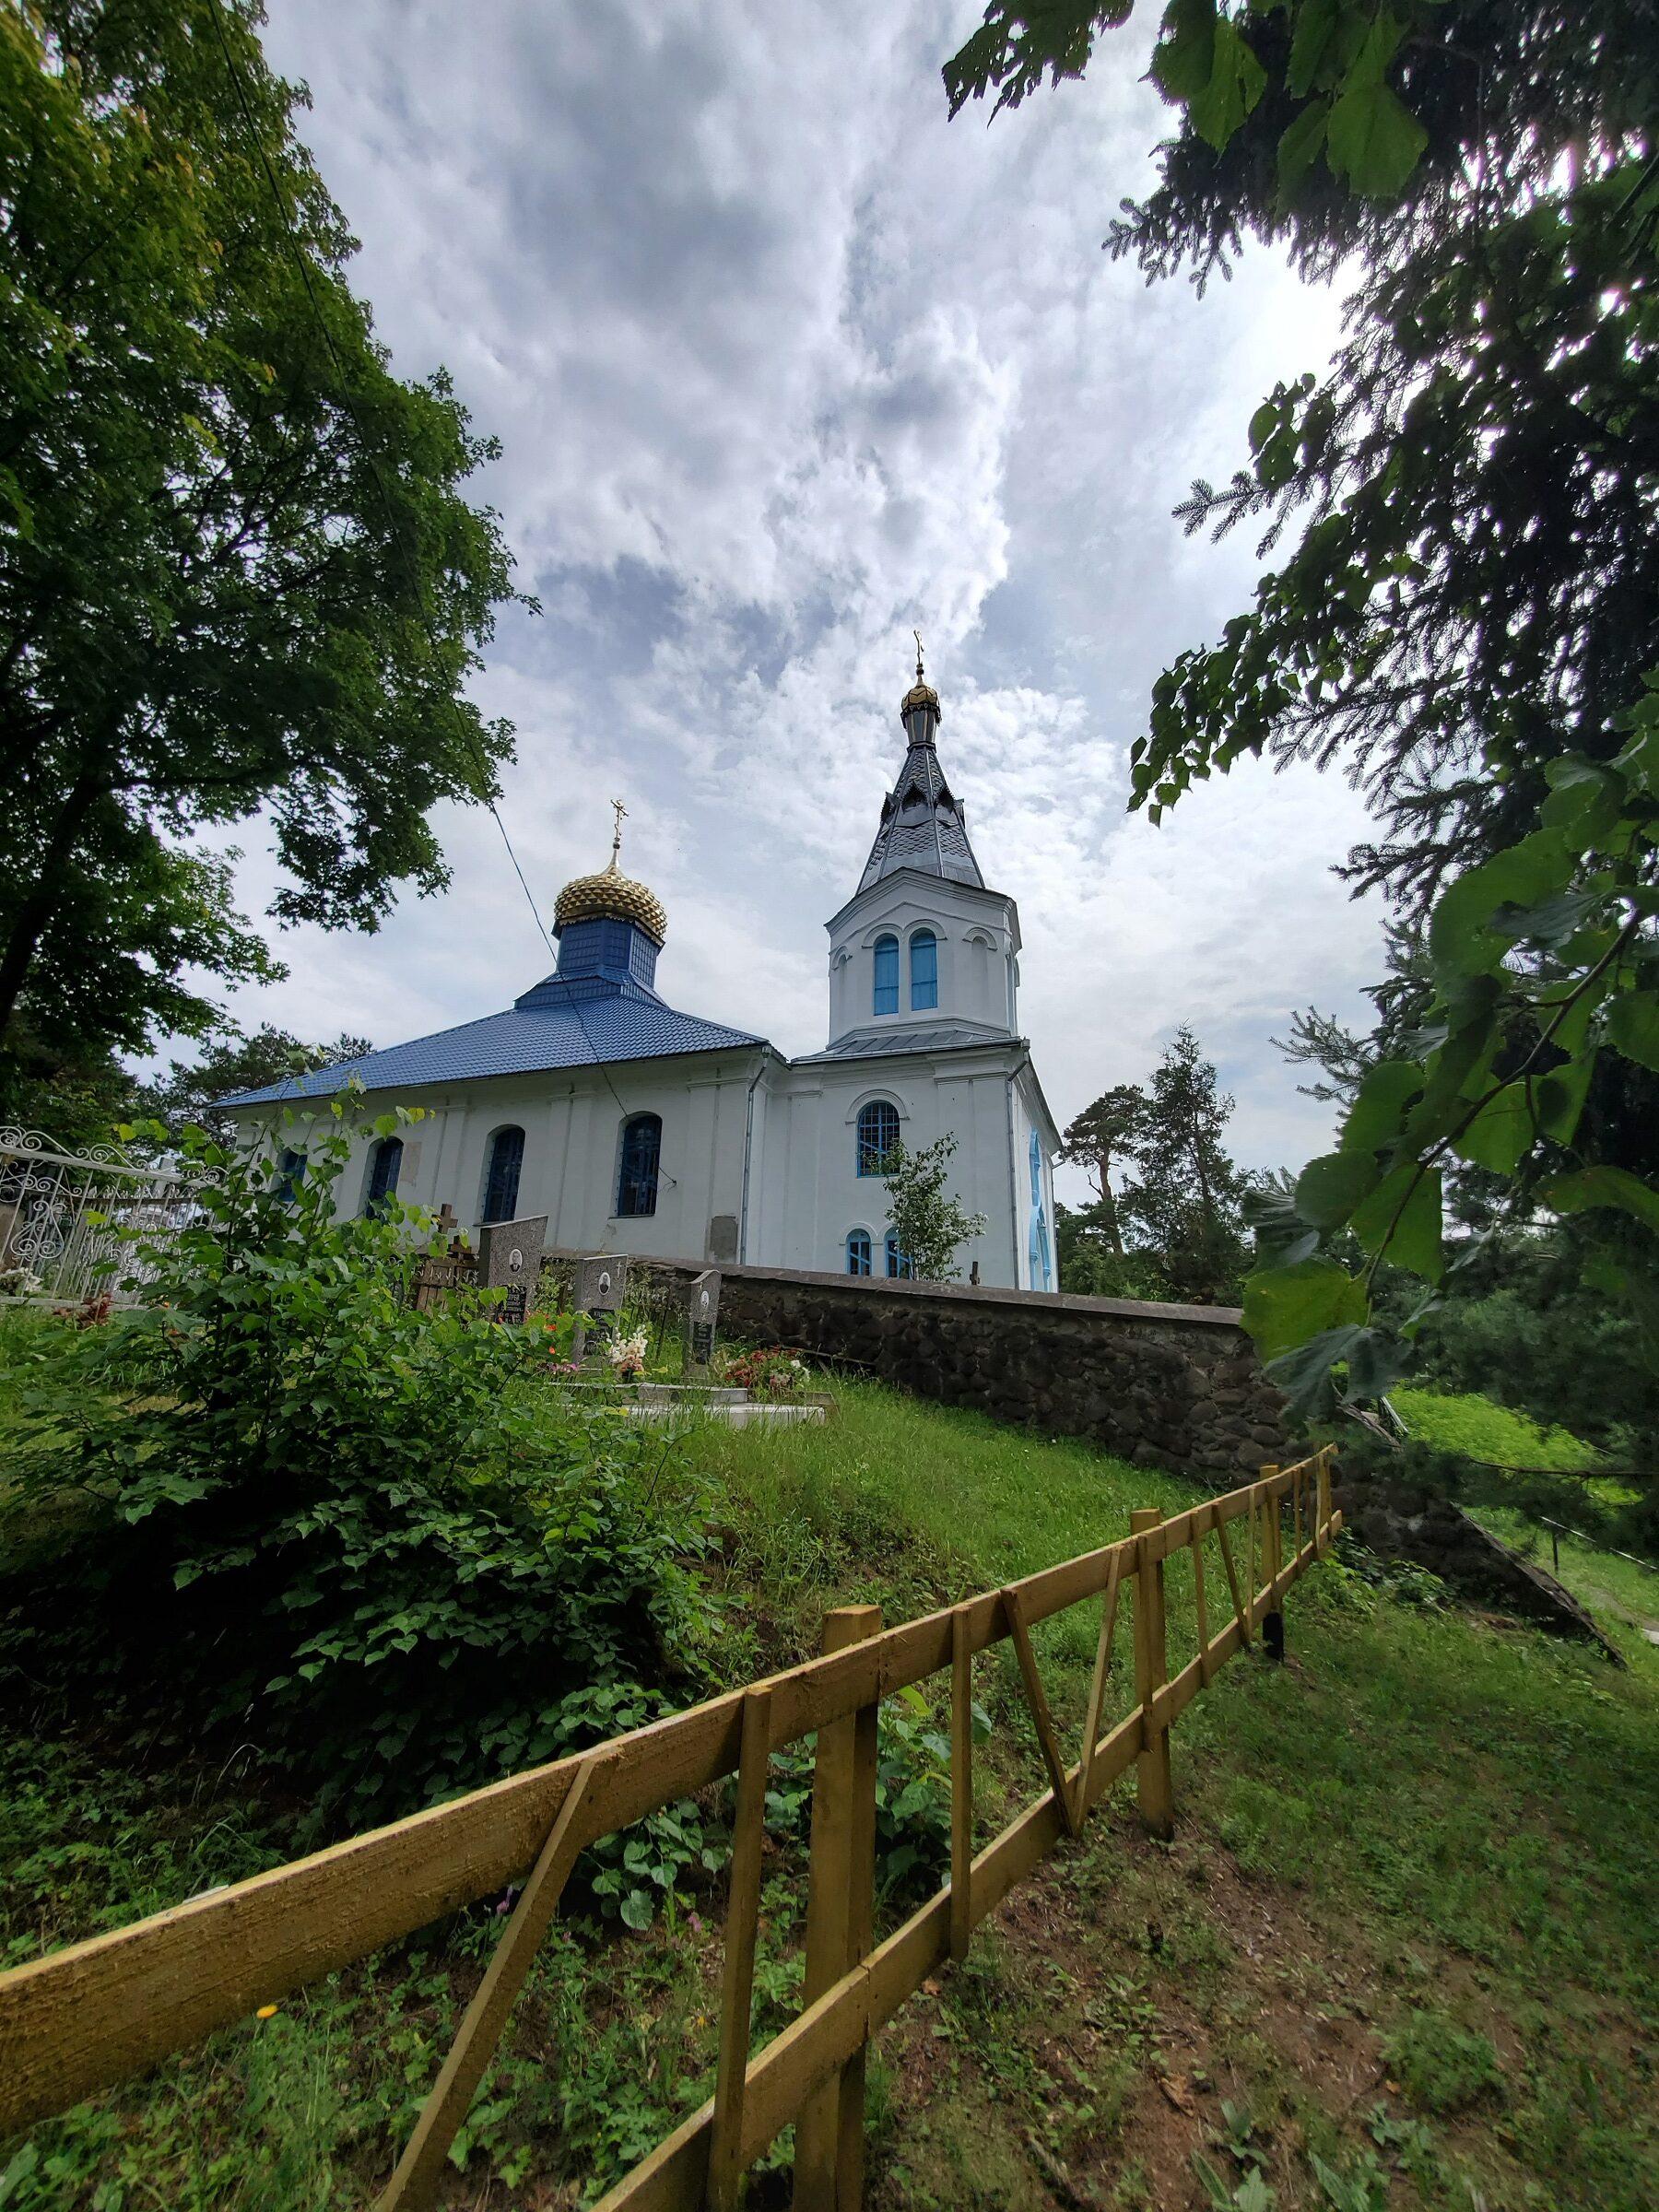 20200703 151602 rotated - Покровская церковь в деревне Бушики